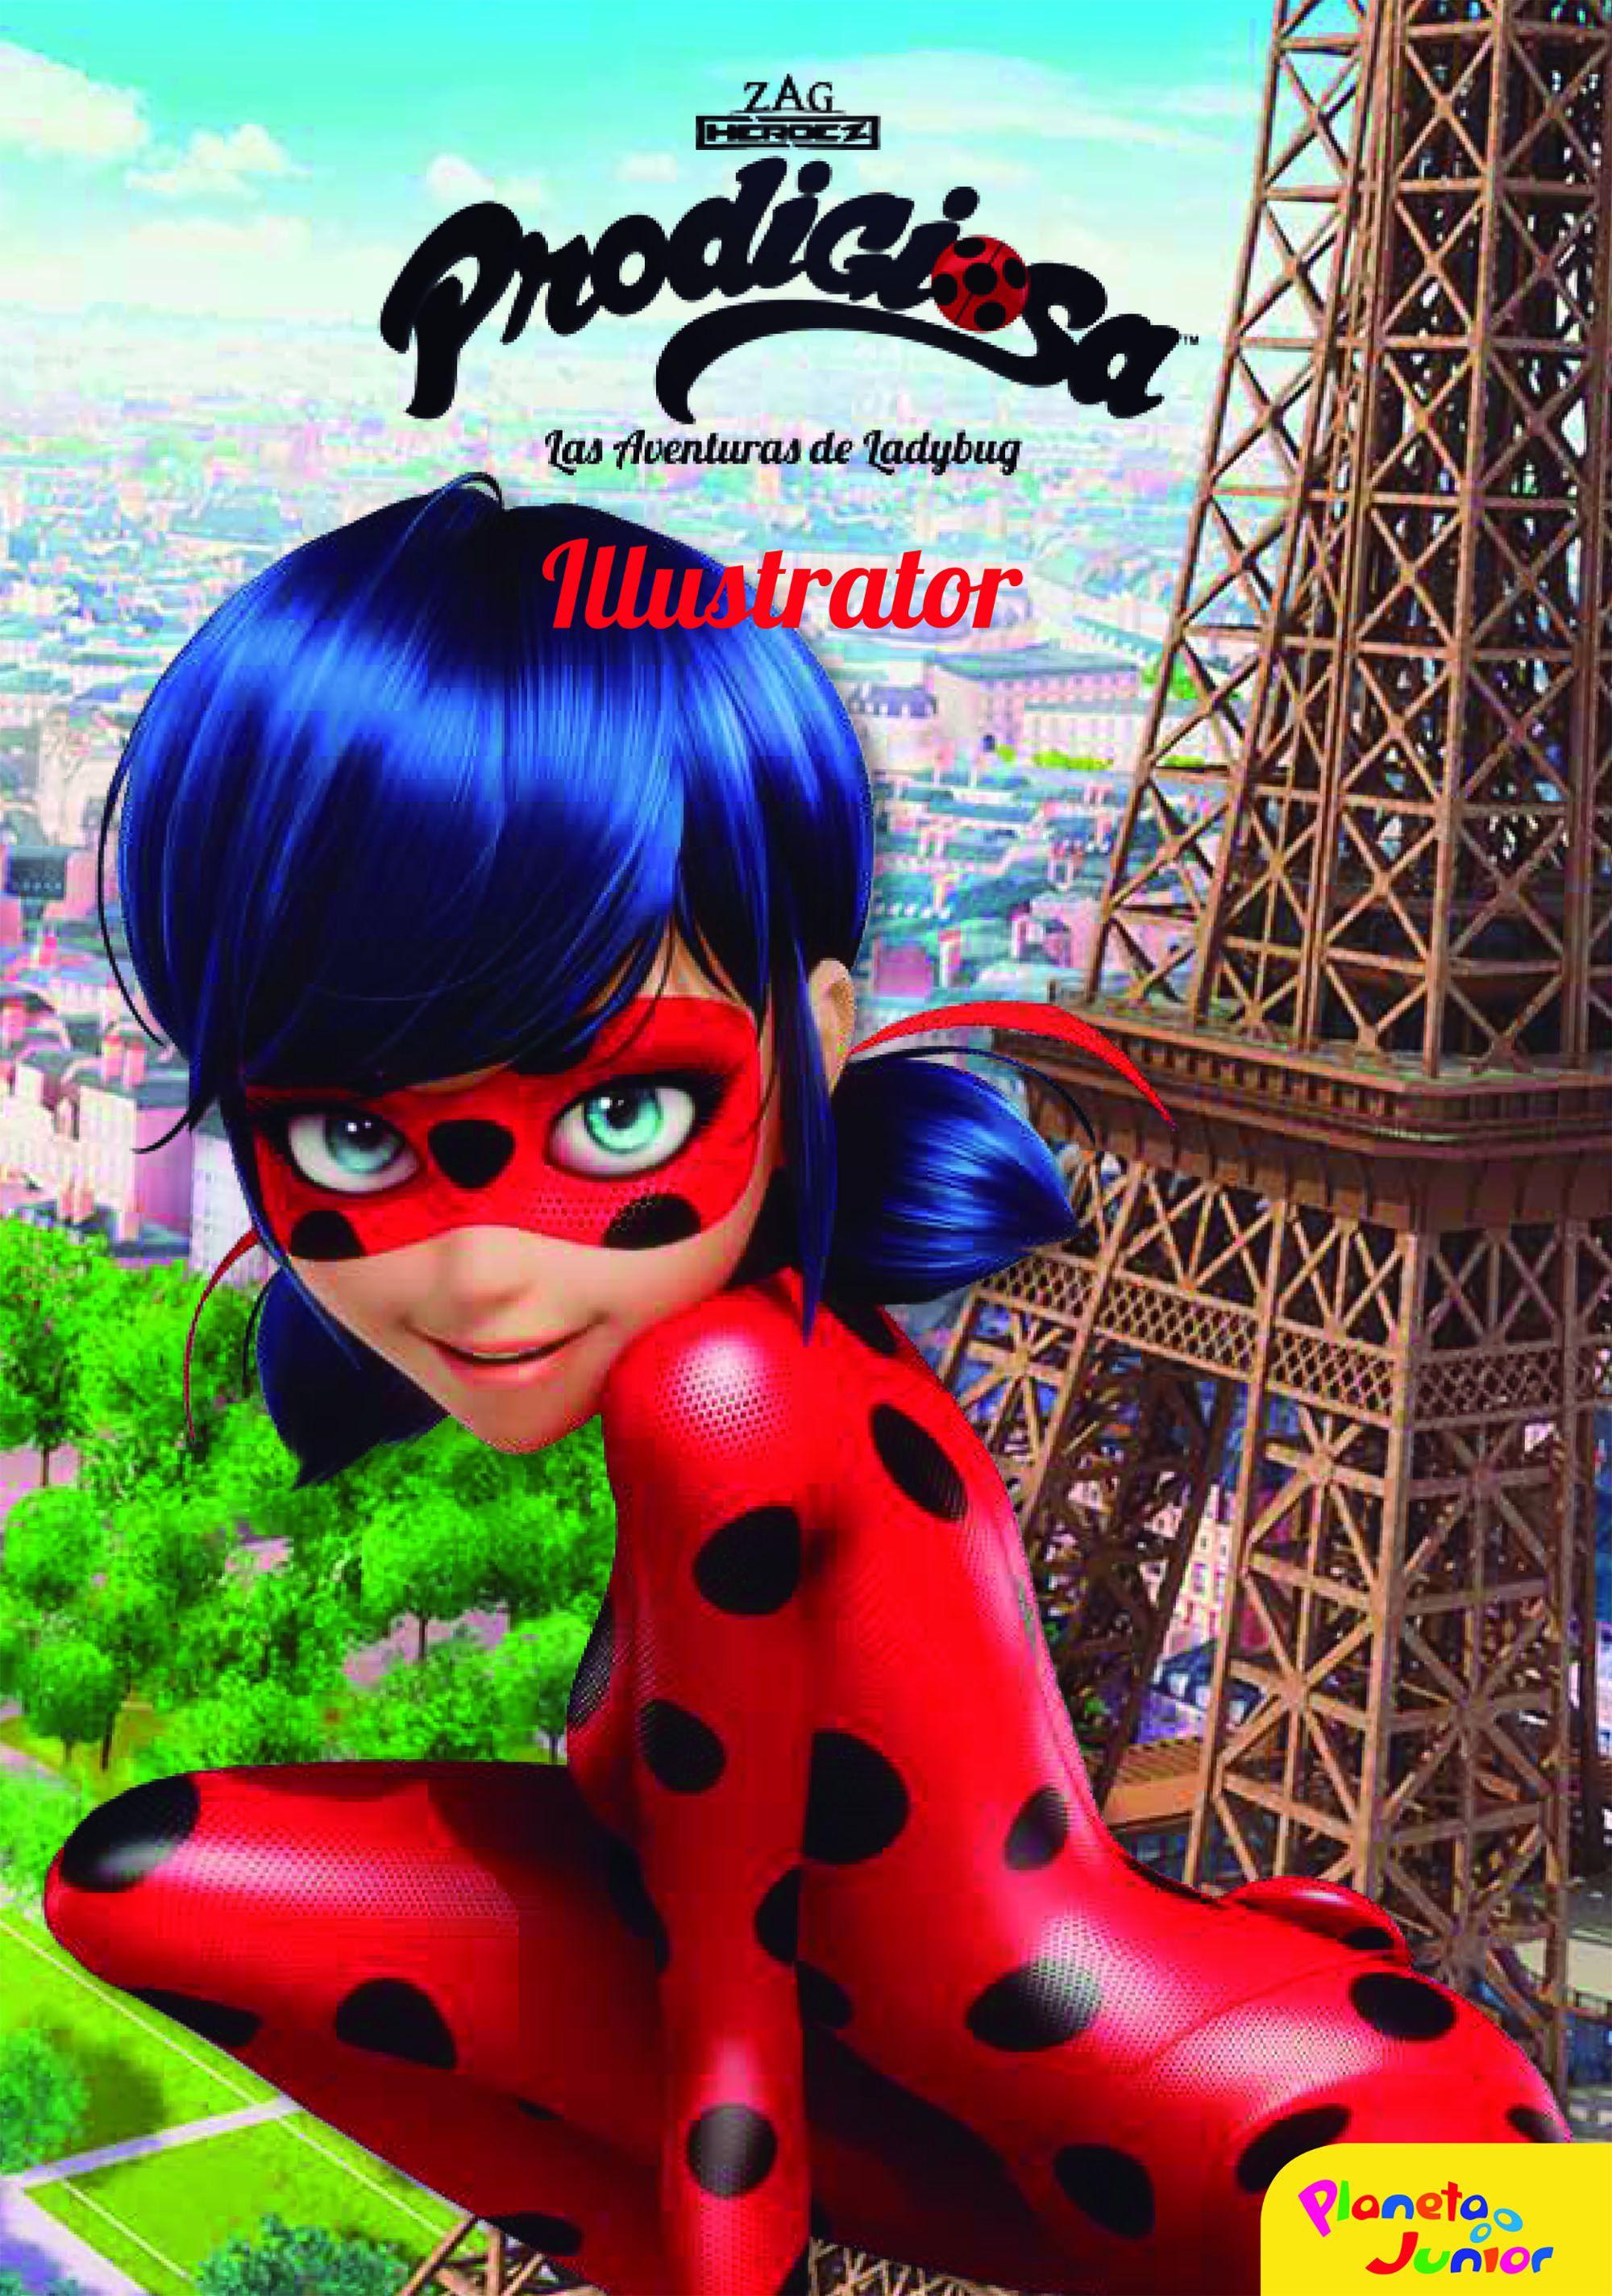 Prodigiosa: Las aventuras de Ladybug se expande por